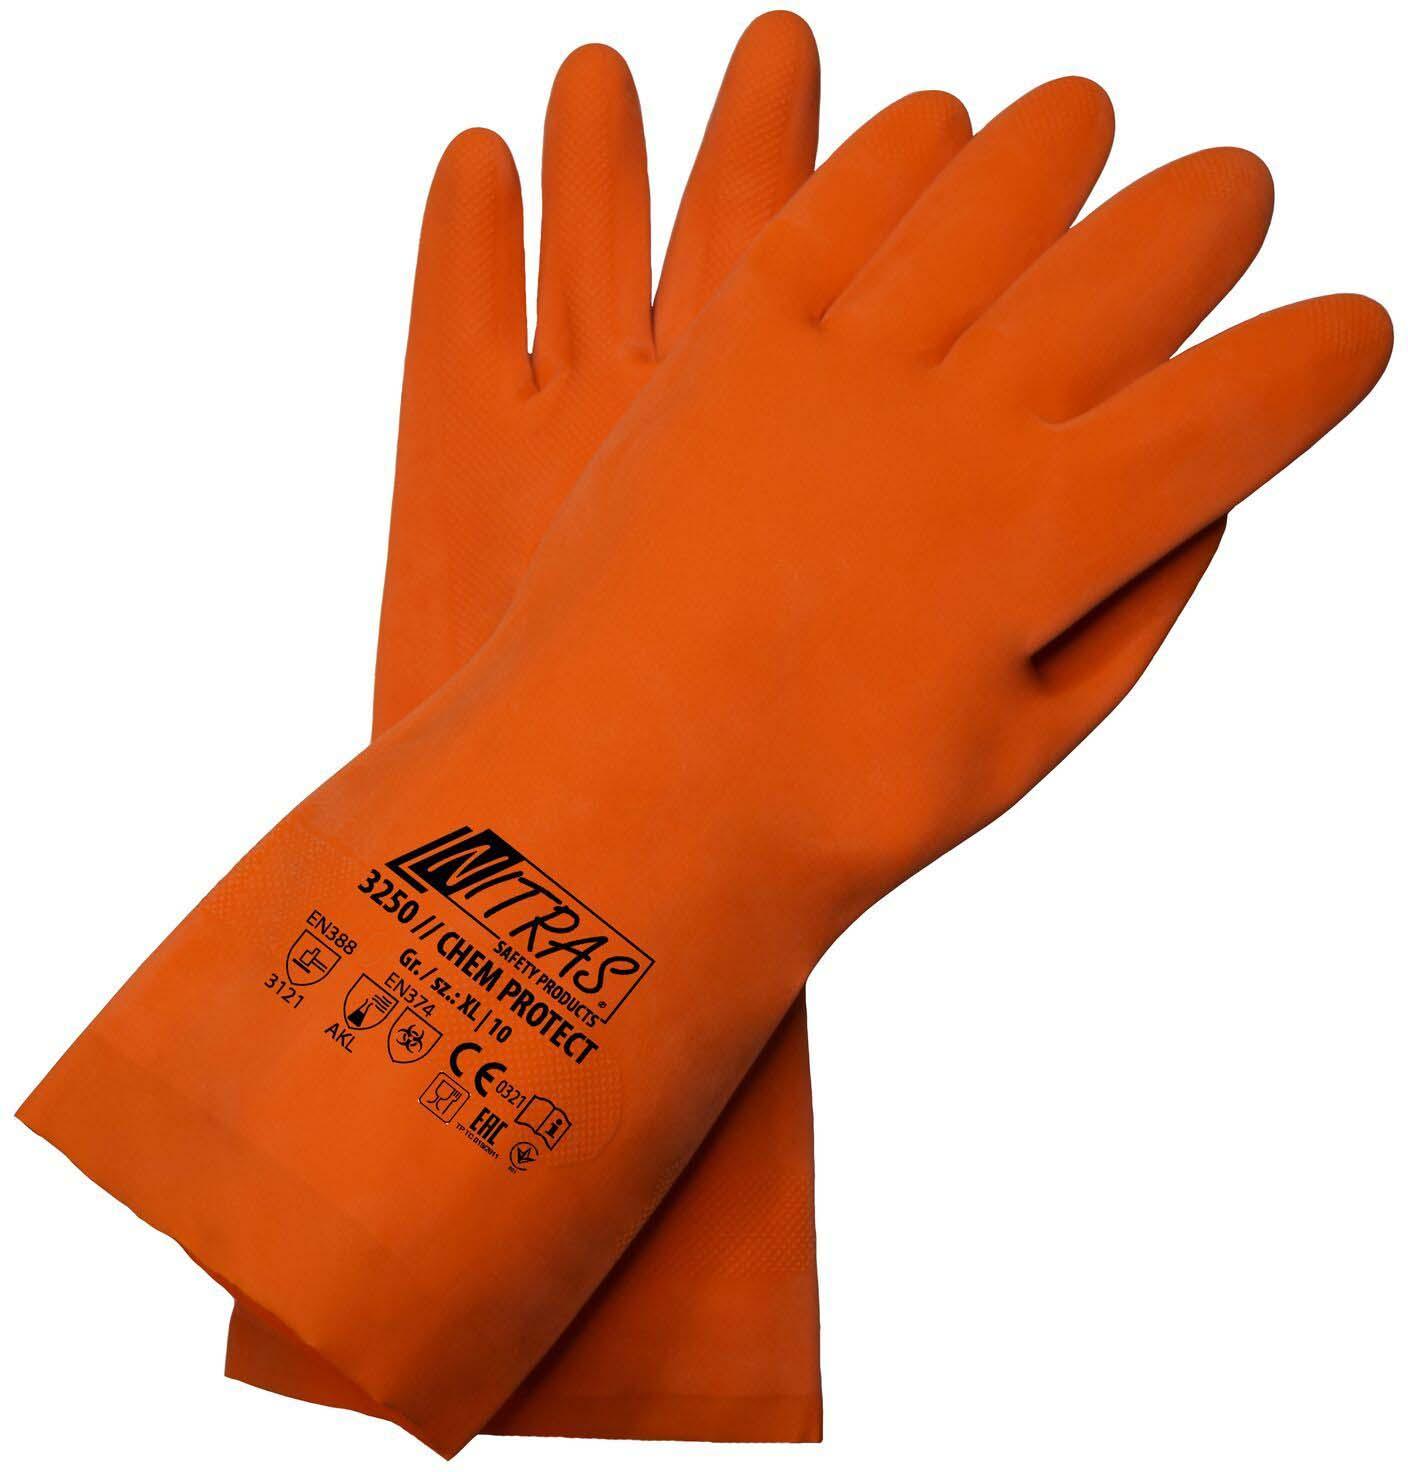 Перчатки хозяйственные Nitras, латексные, цвет: оранжевый. Размер 10 (XL)